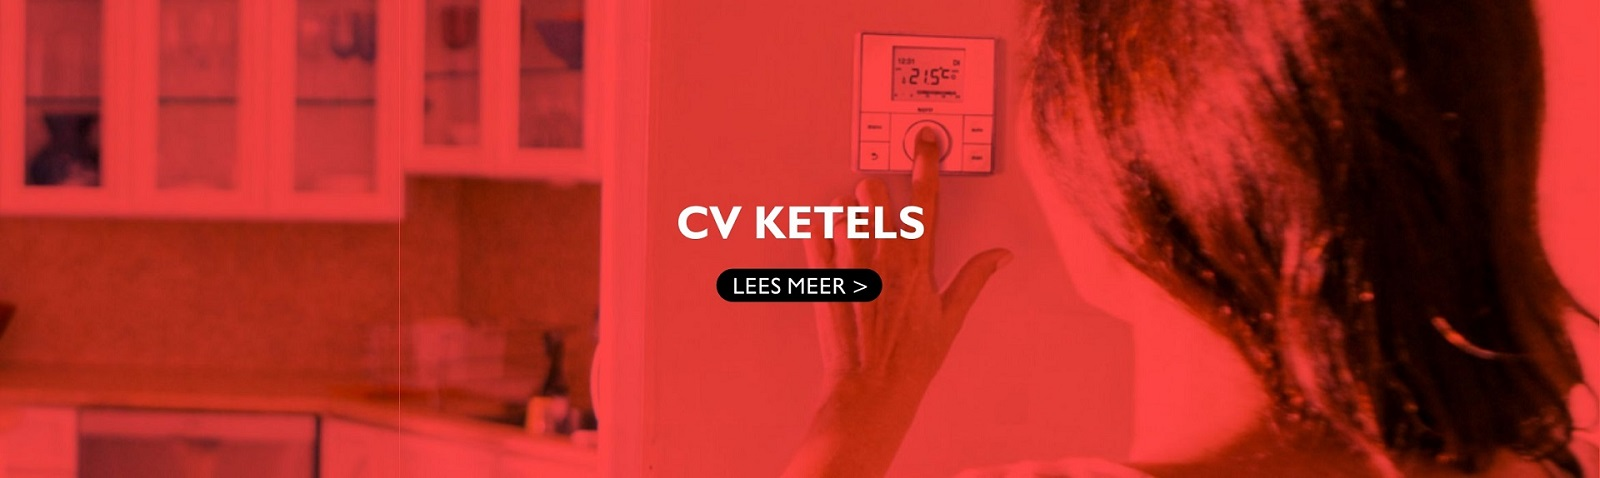 CV ketels